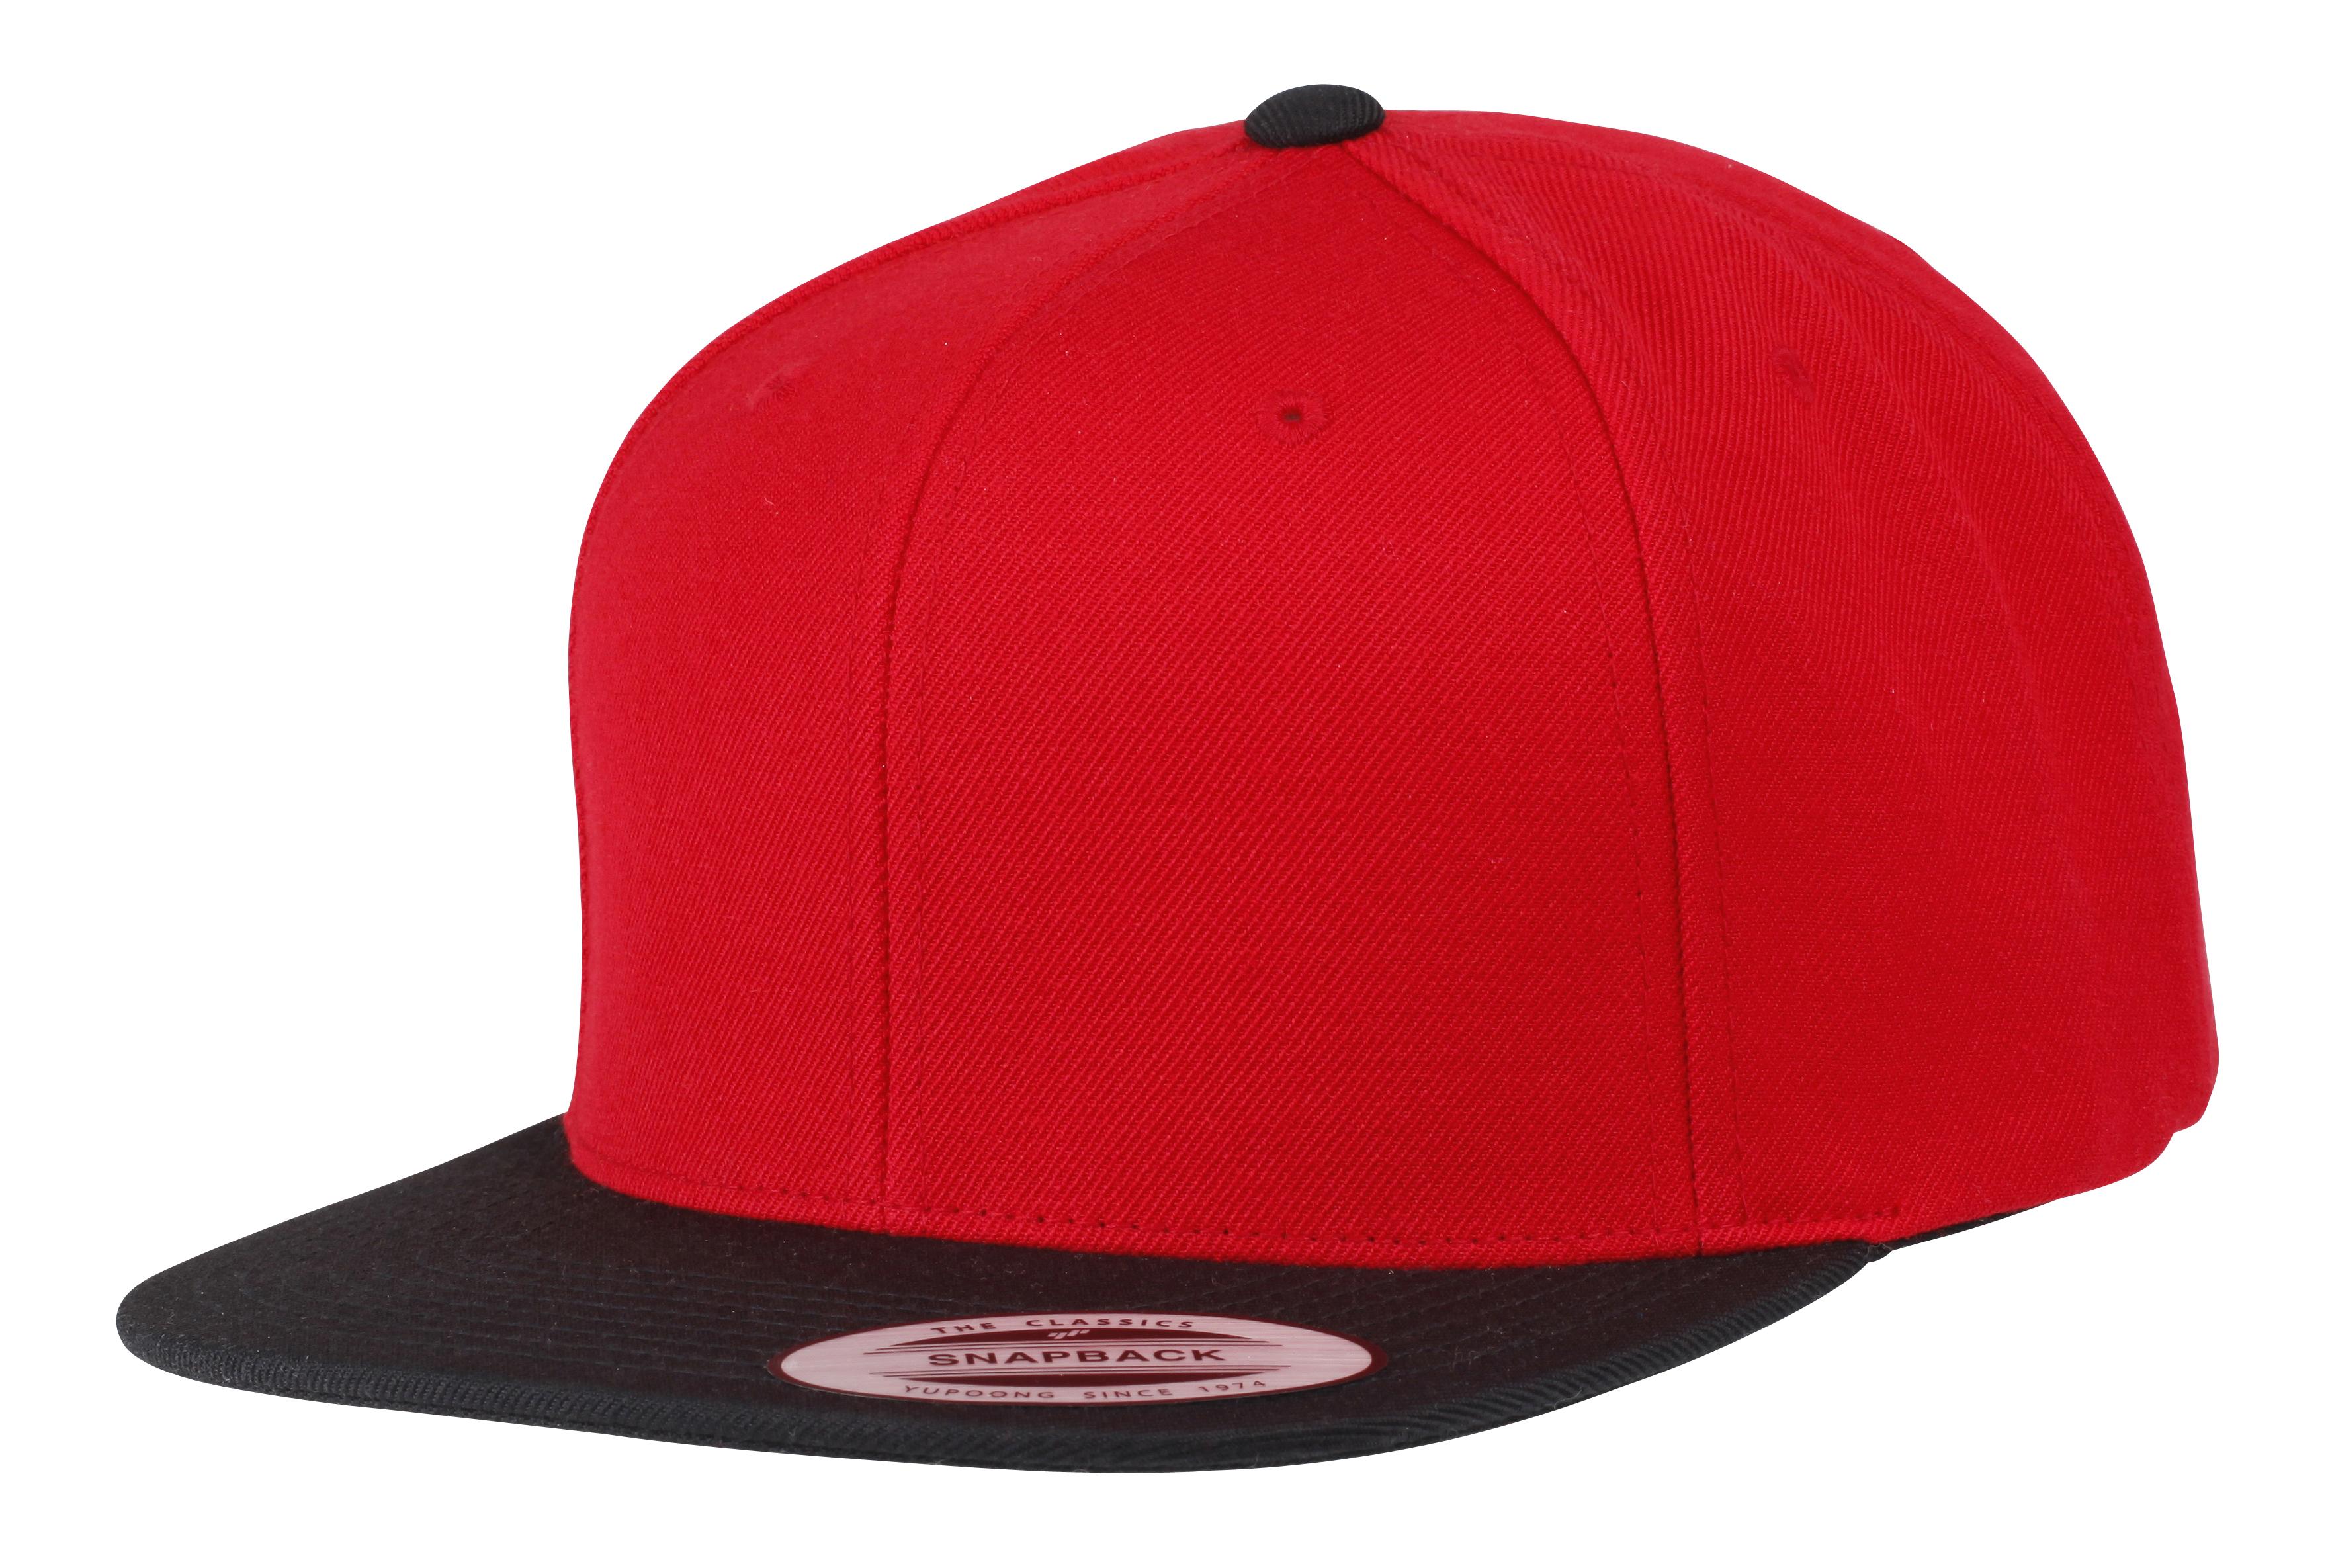 Flexfit Varsity Snapback Unisex Flat Baseball Cap One Size